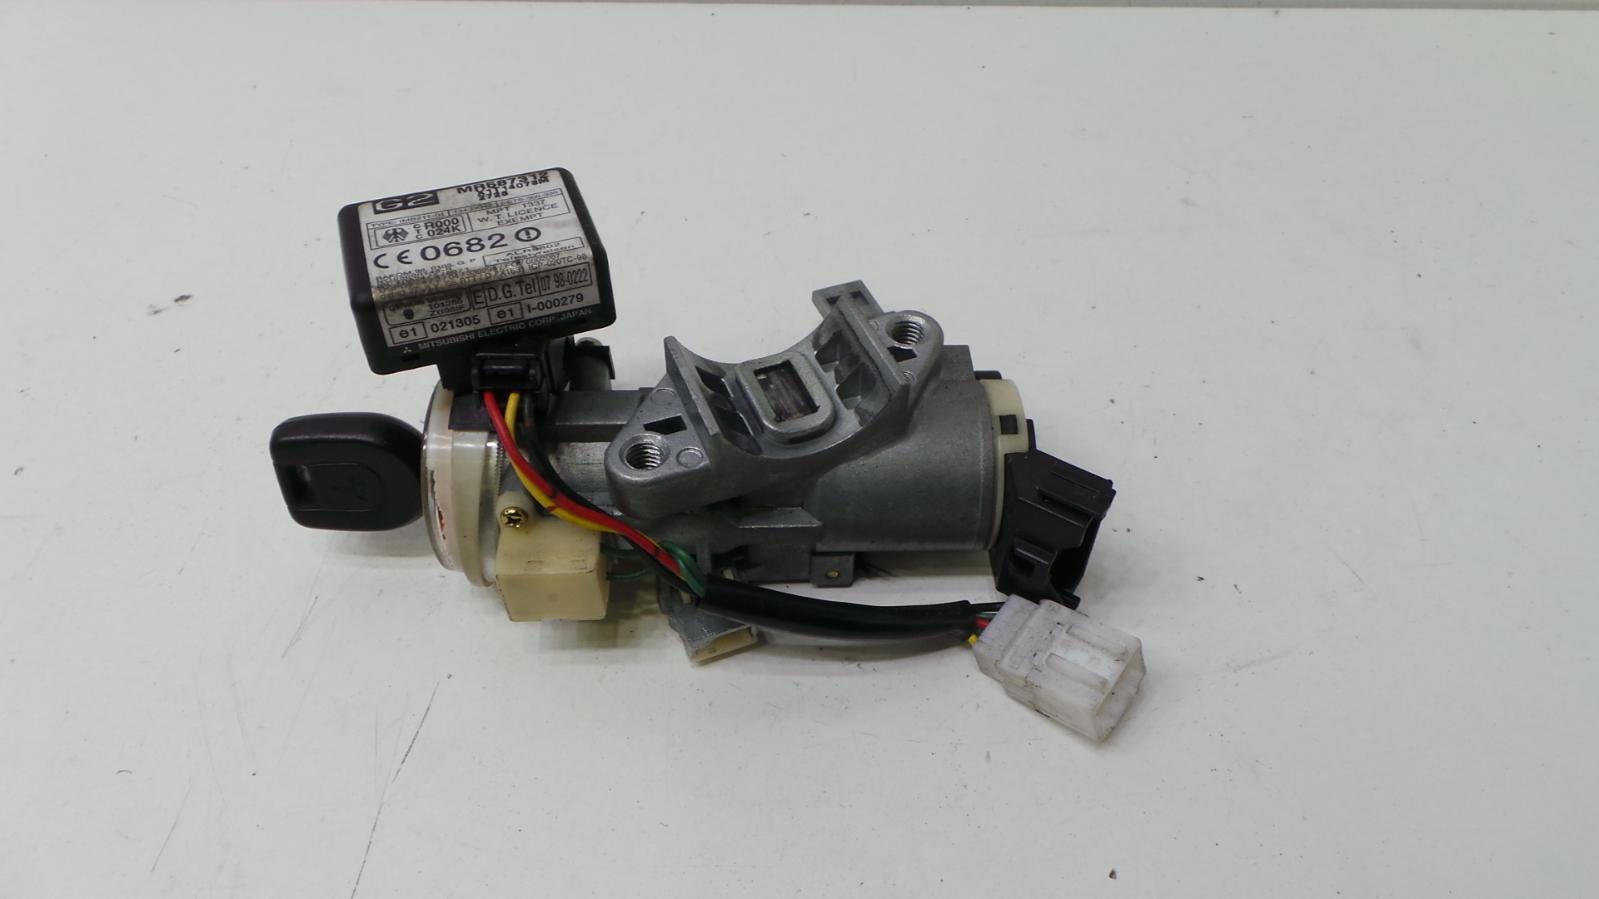 2003 mitsubishi shogun pinin 2 0 petrol auto ignition ecu